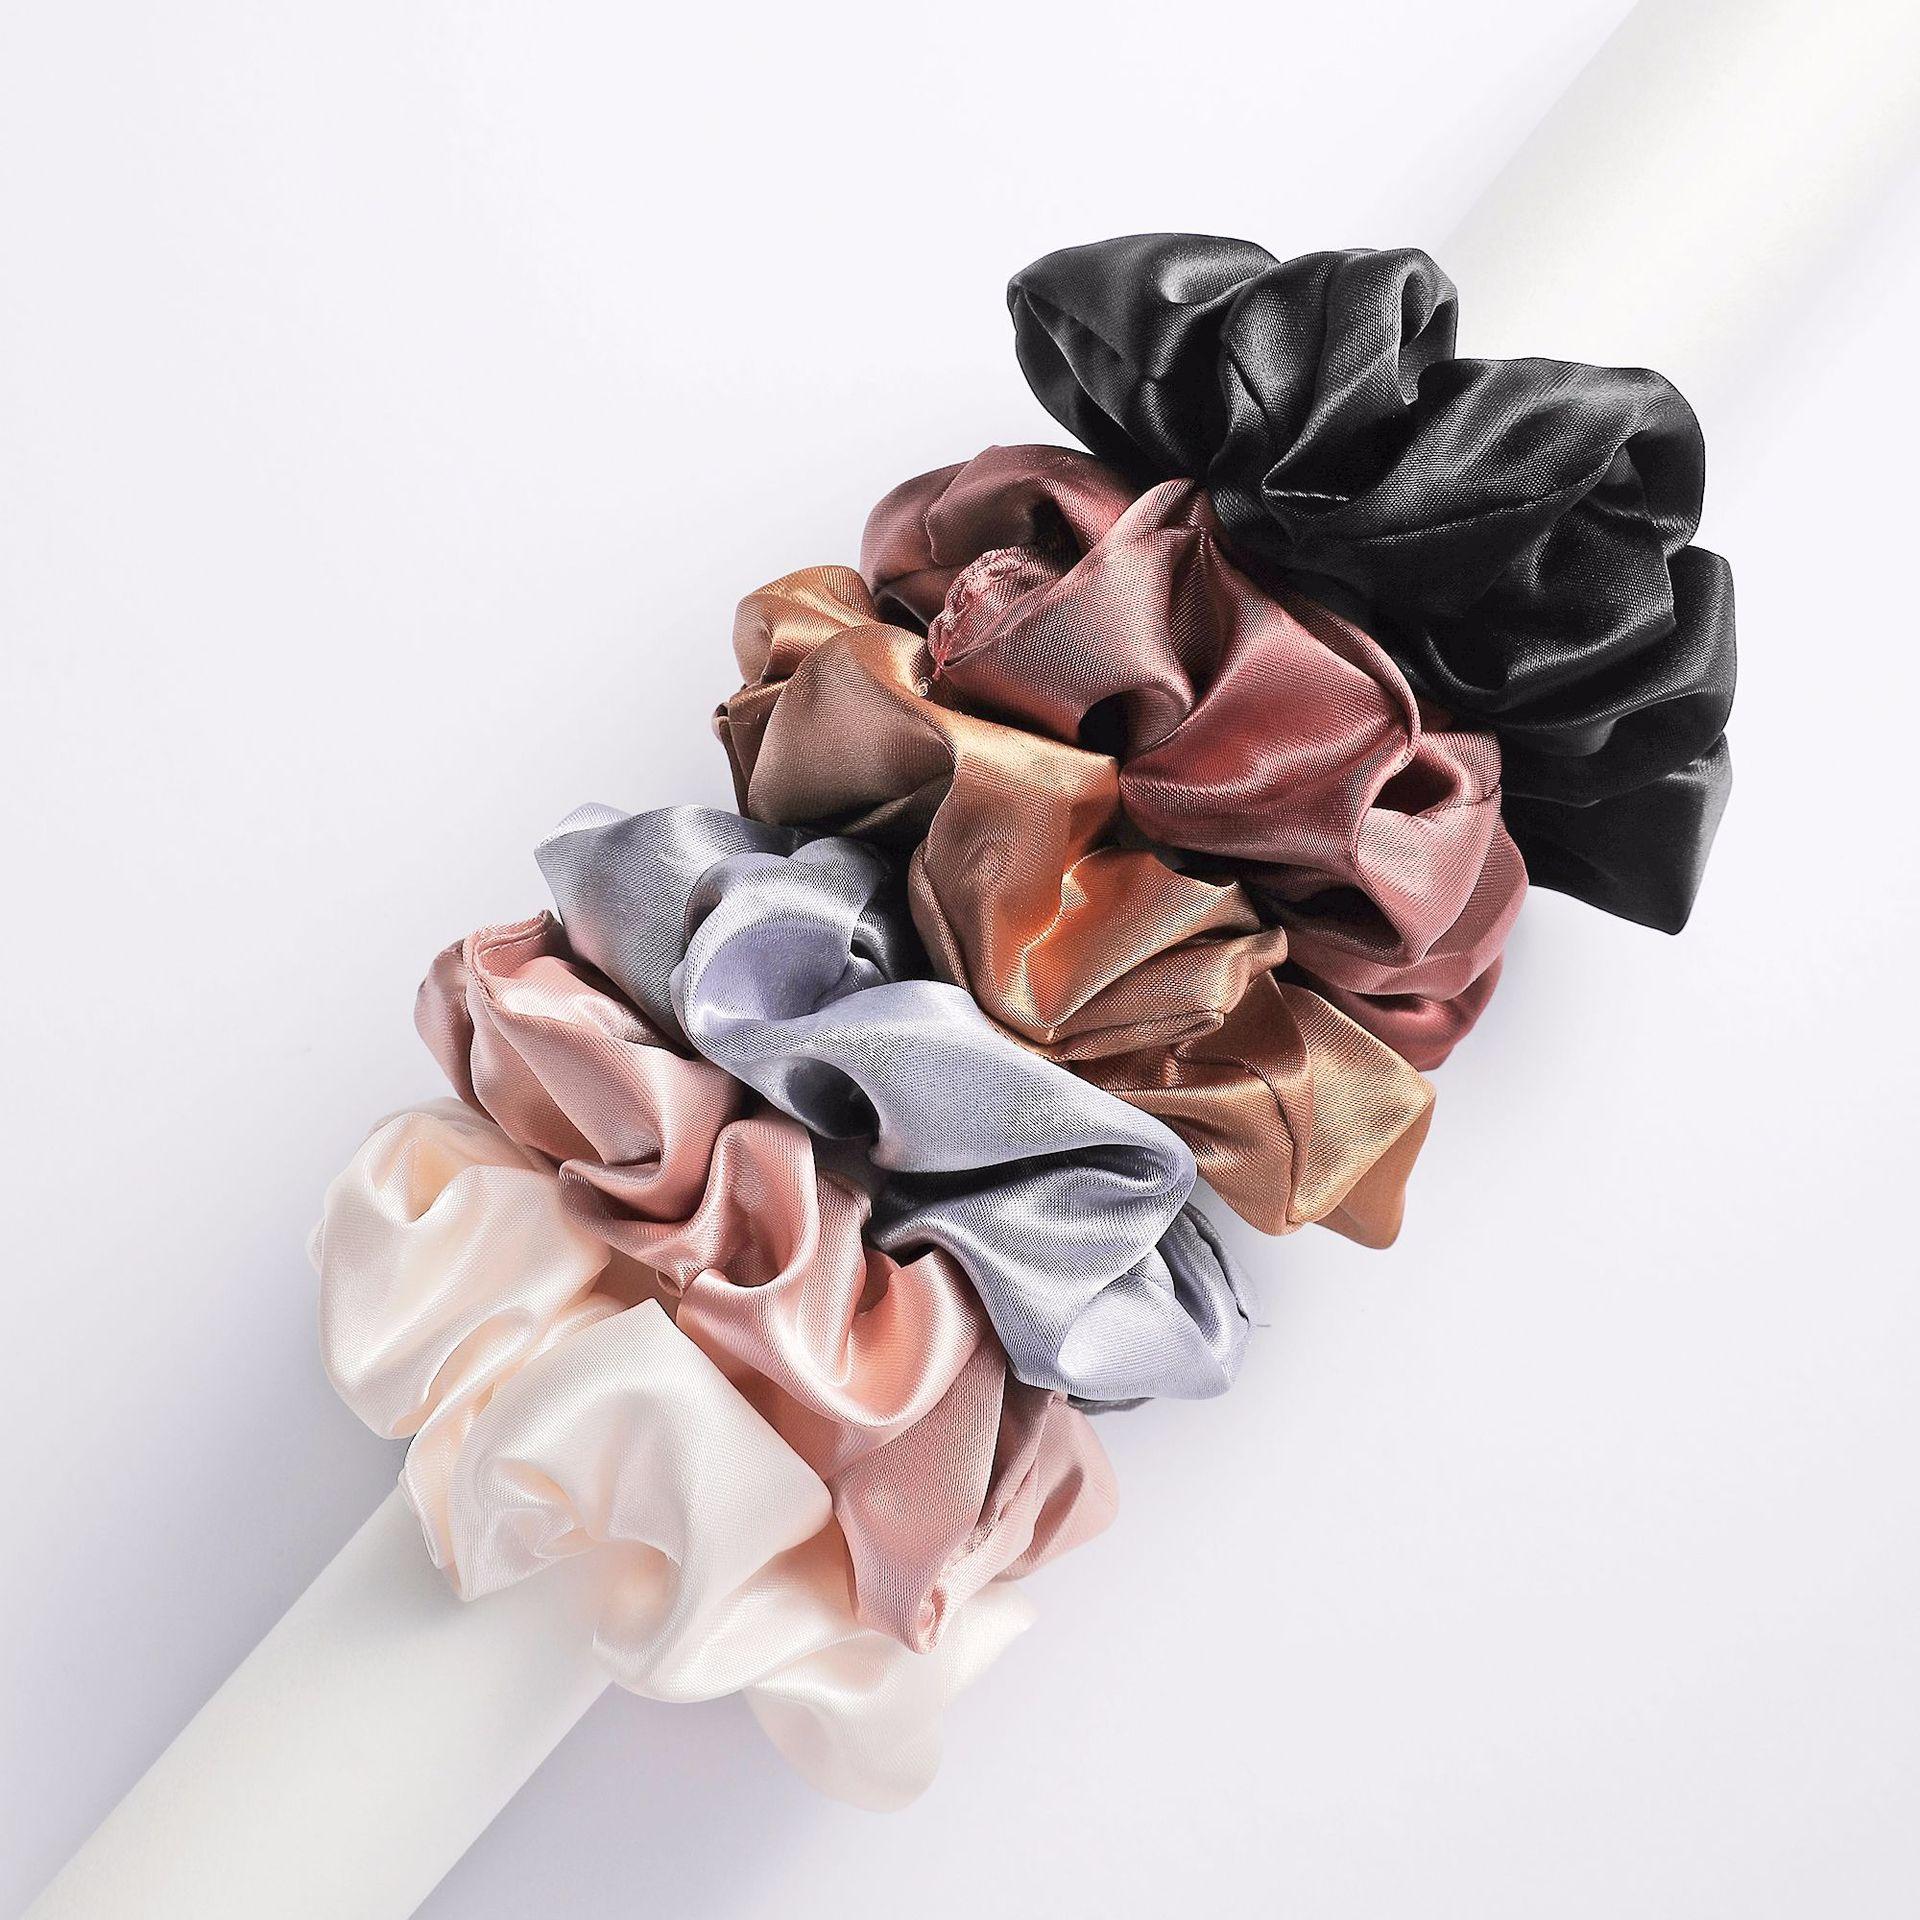 6-шт-лот-Женская-мода-девушки-шелковистая-атласная-резинка-для-волос-Однотонные-эластичные-резинки-для-волос-Простой-Элегантный-резинкой